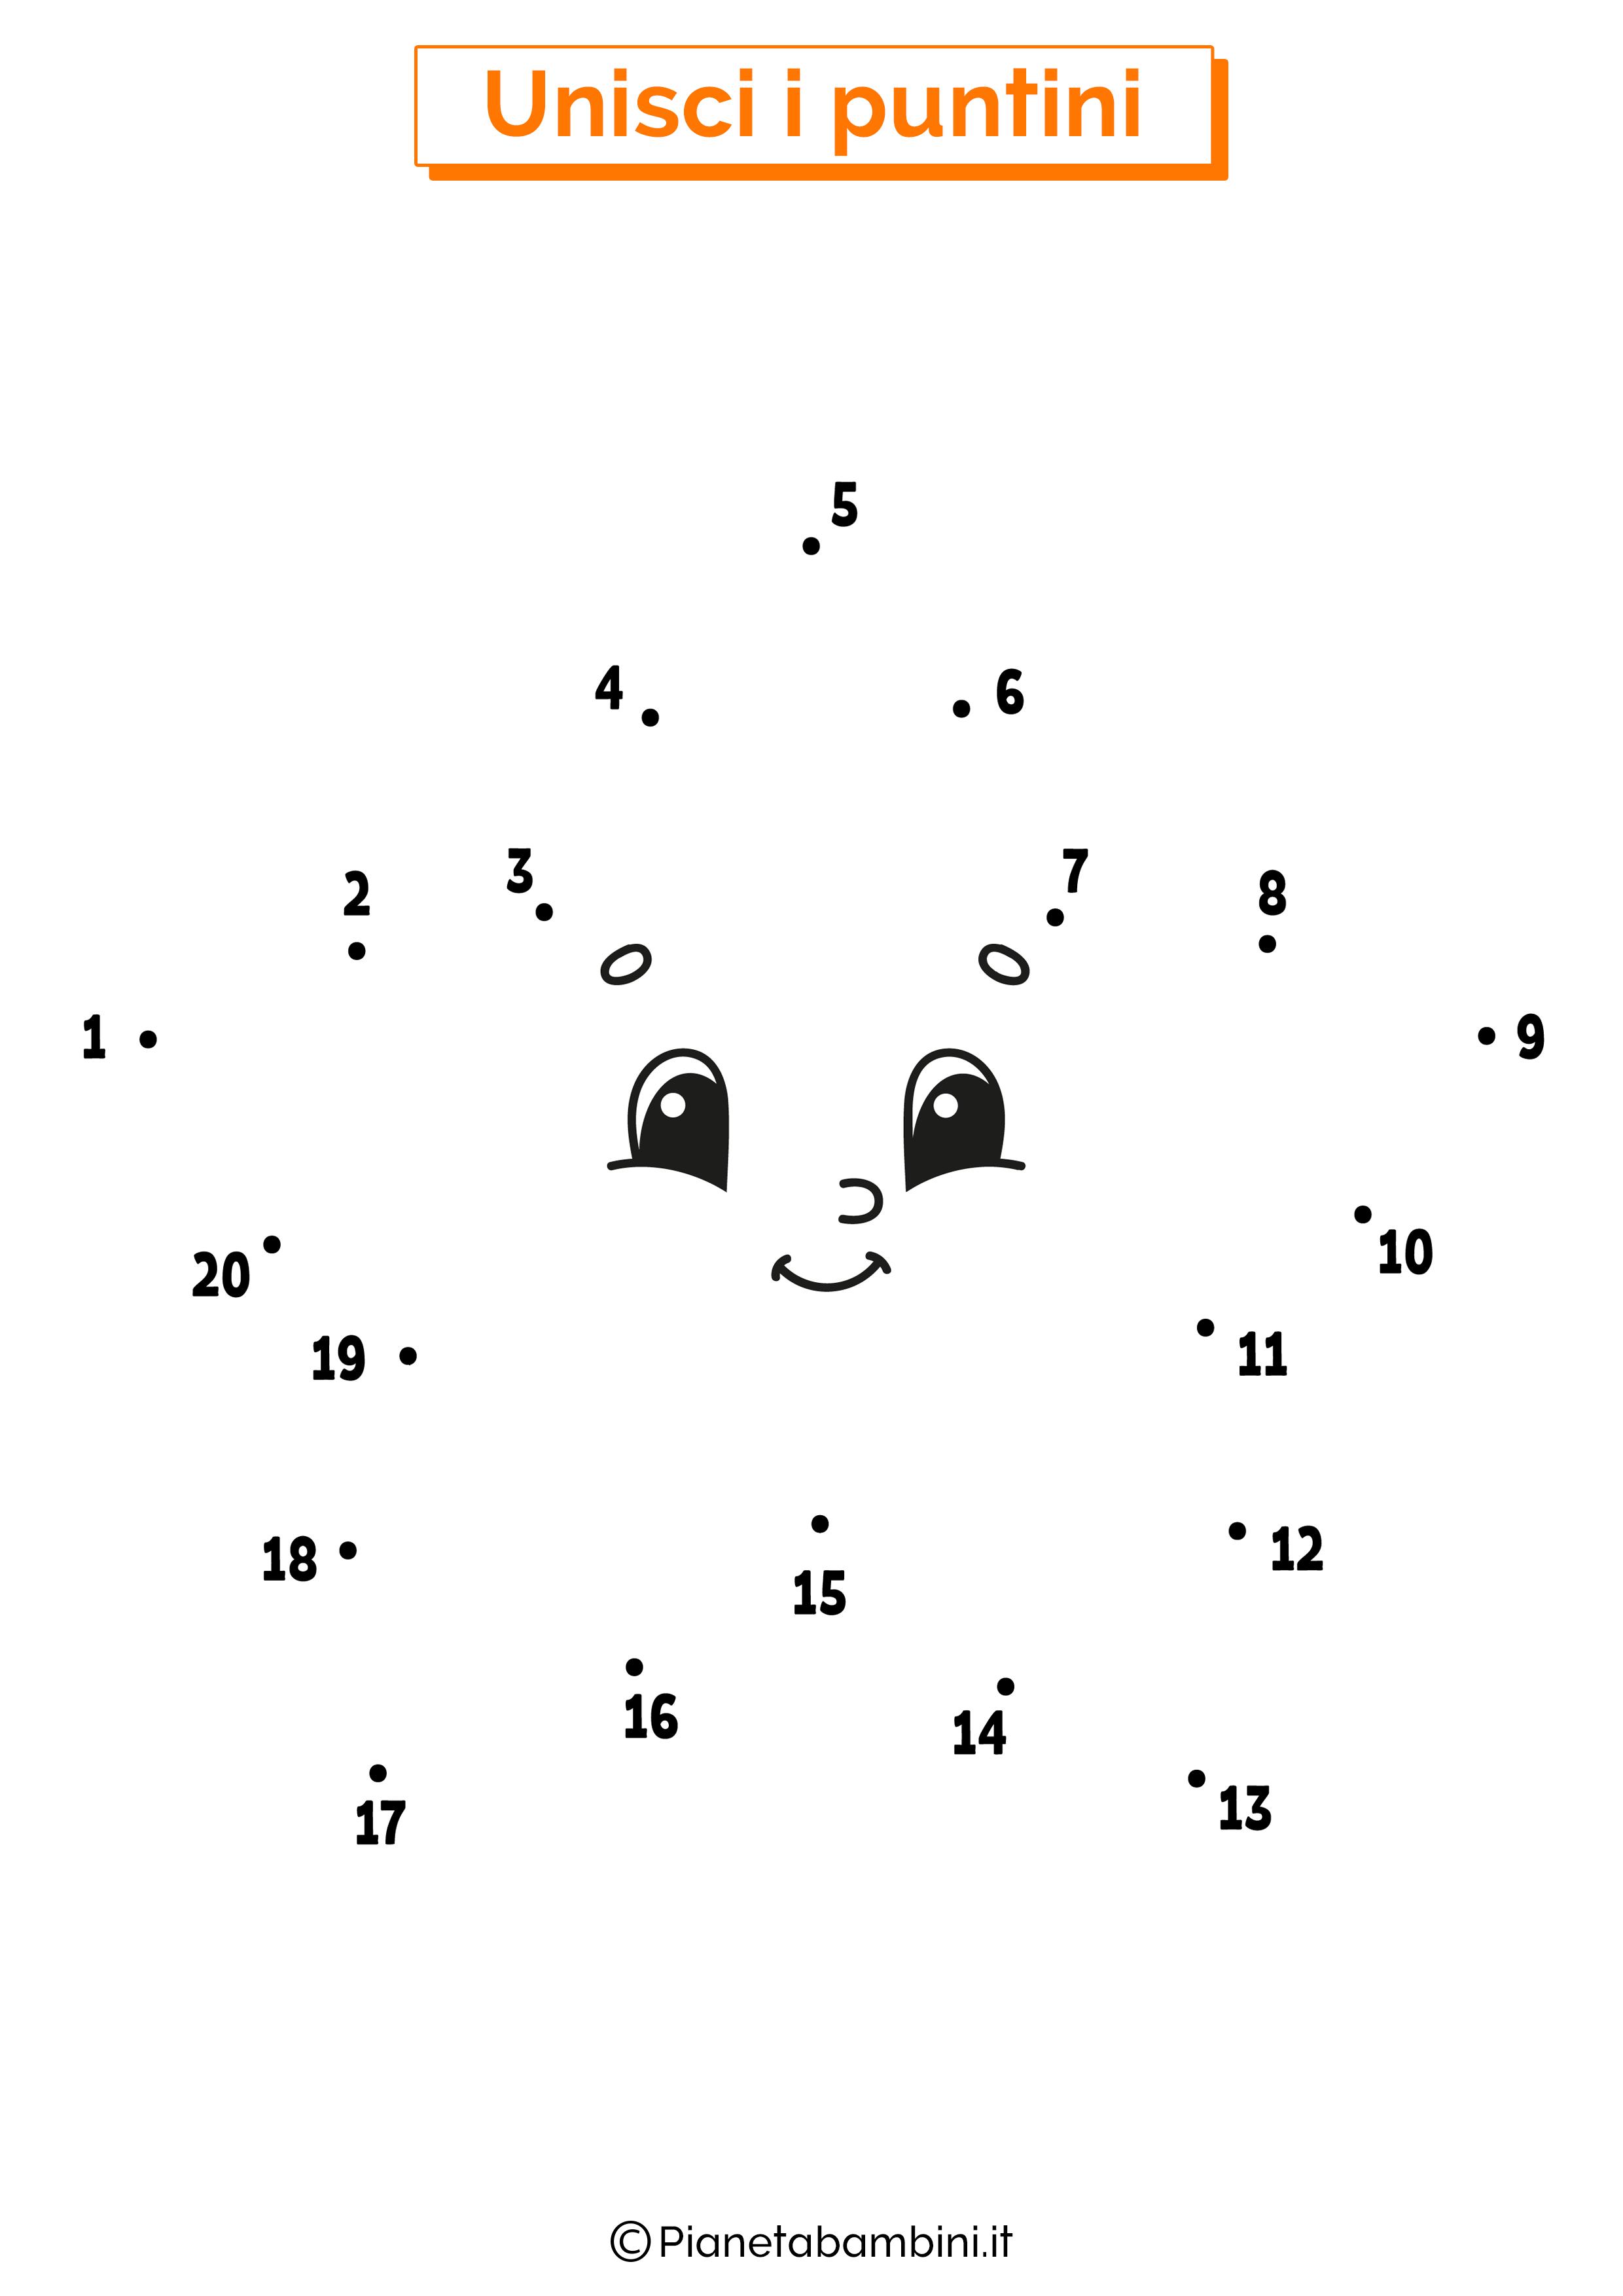 Disegno unisci i puntini stella